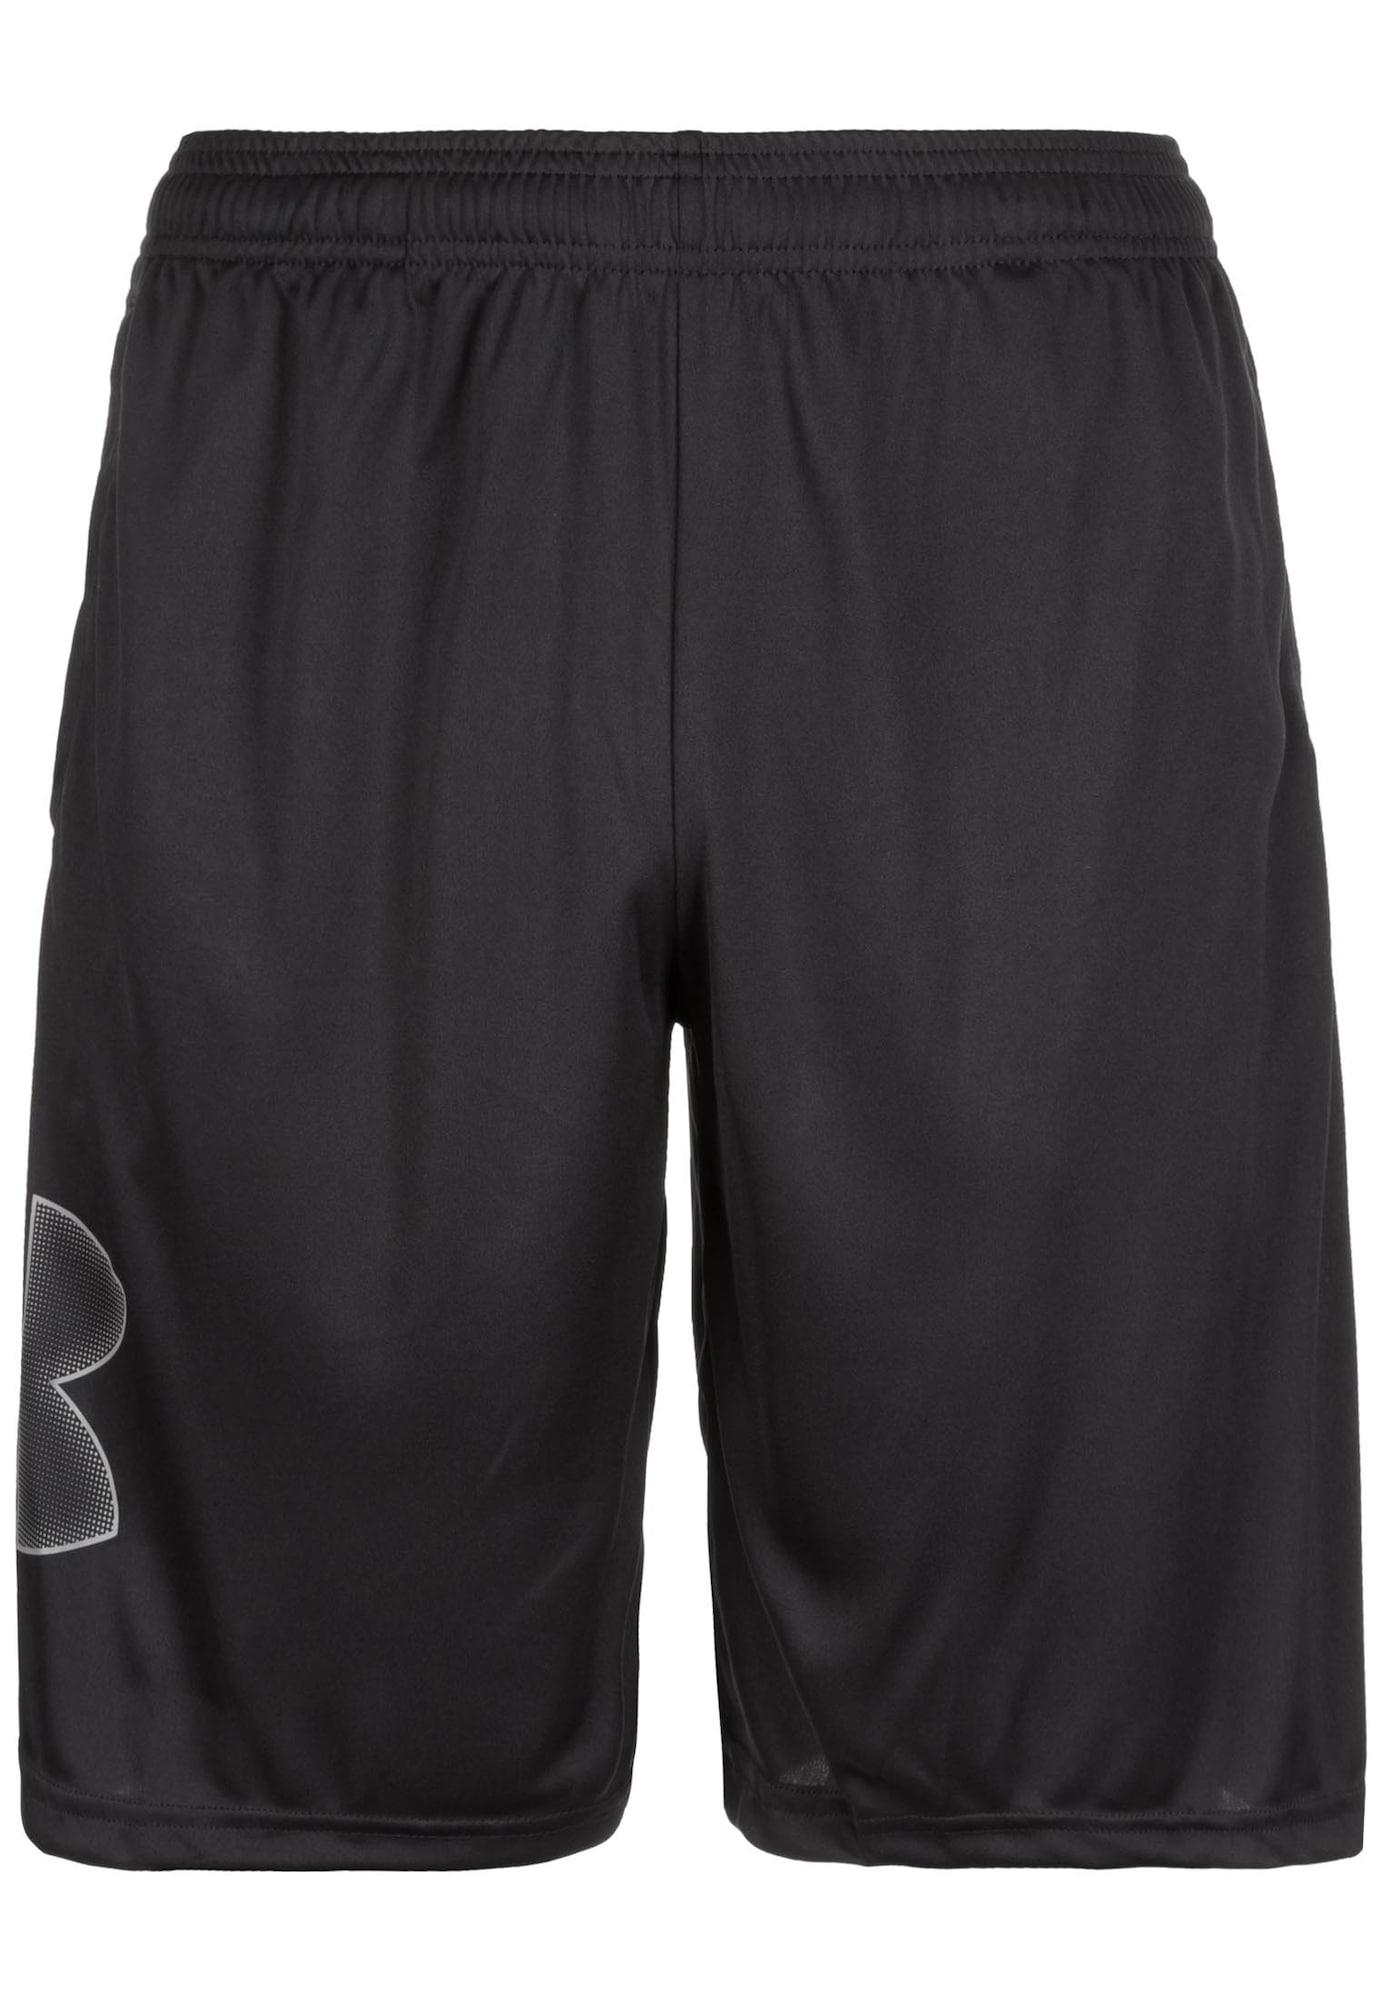 UNDER ARMOUR Sportinės kelnės 'TECH' juoda